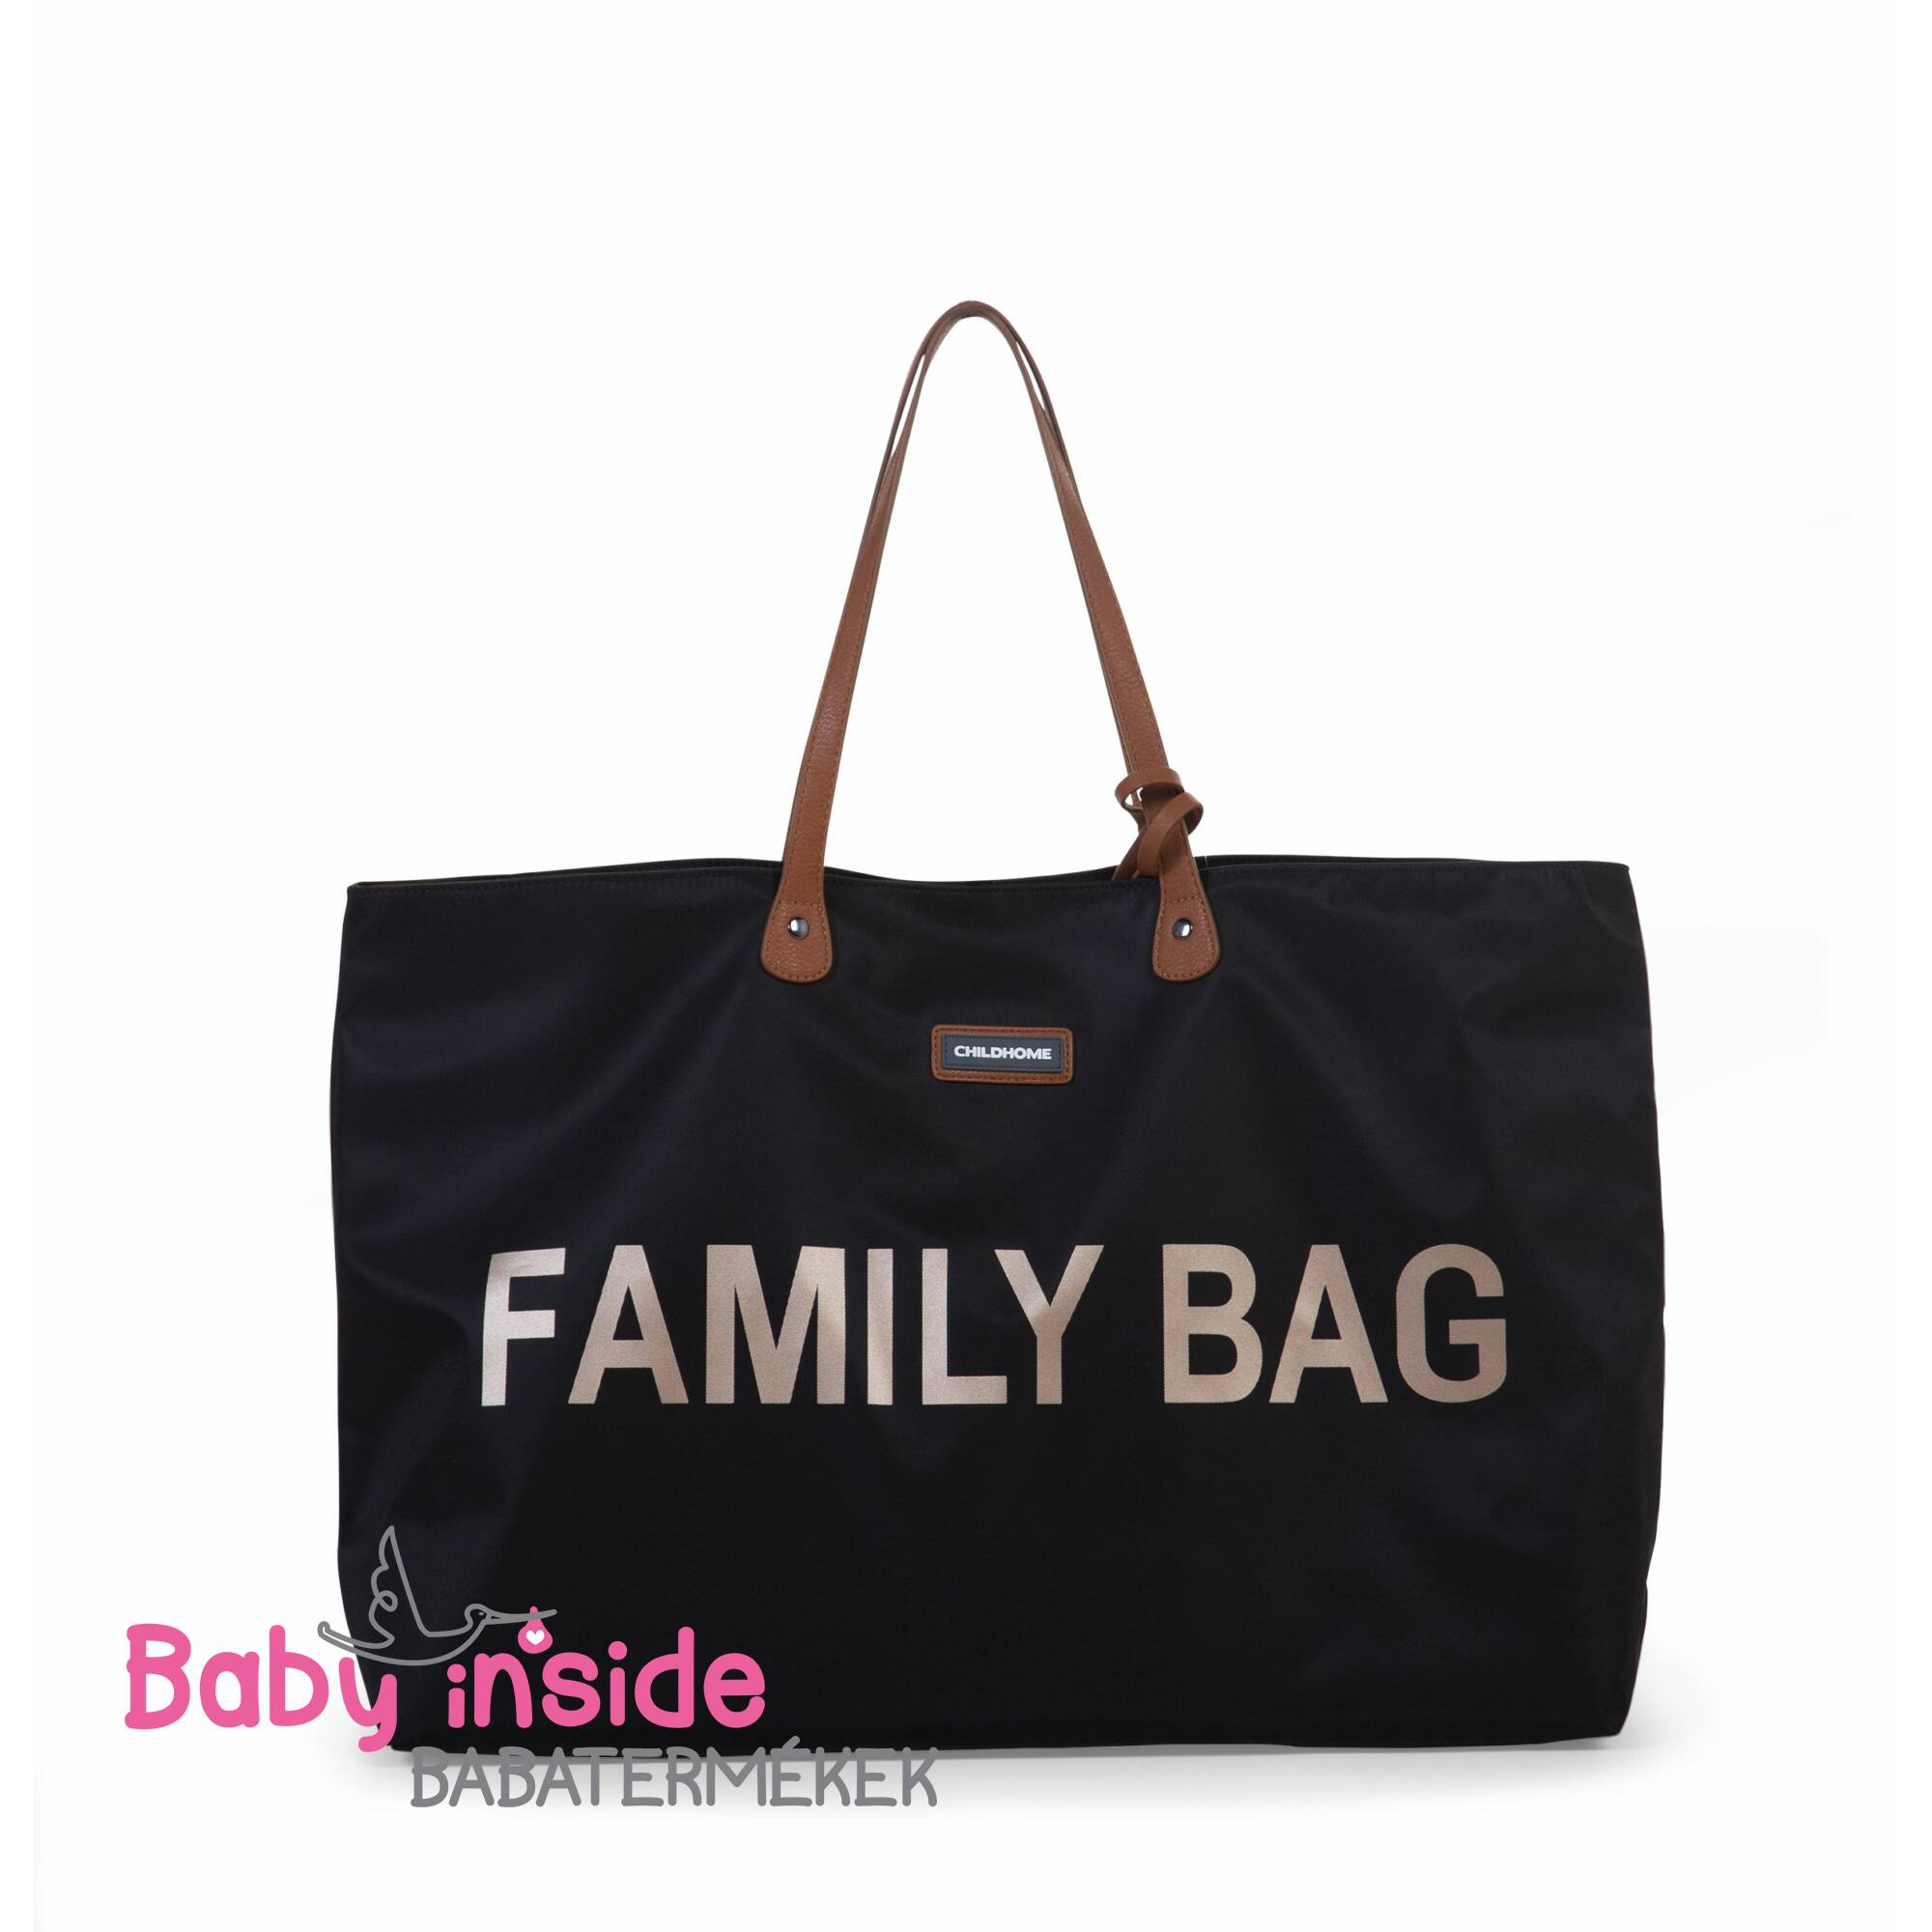 Family Bag - Black